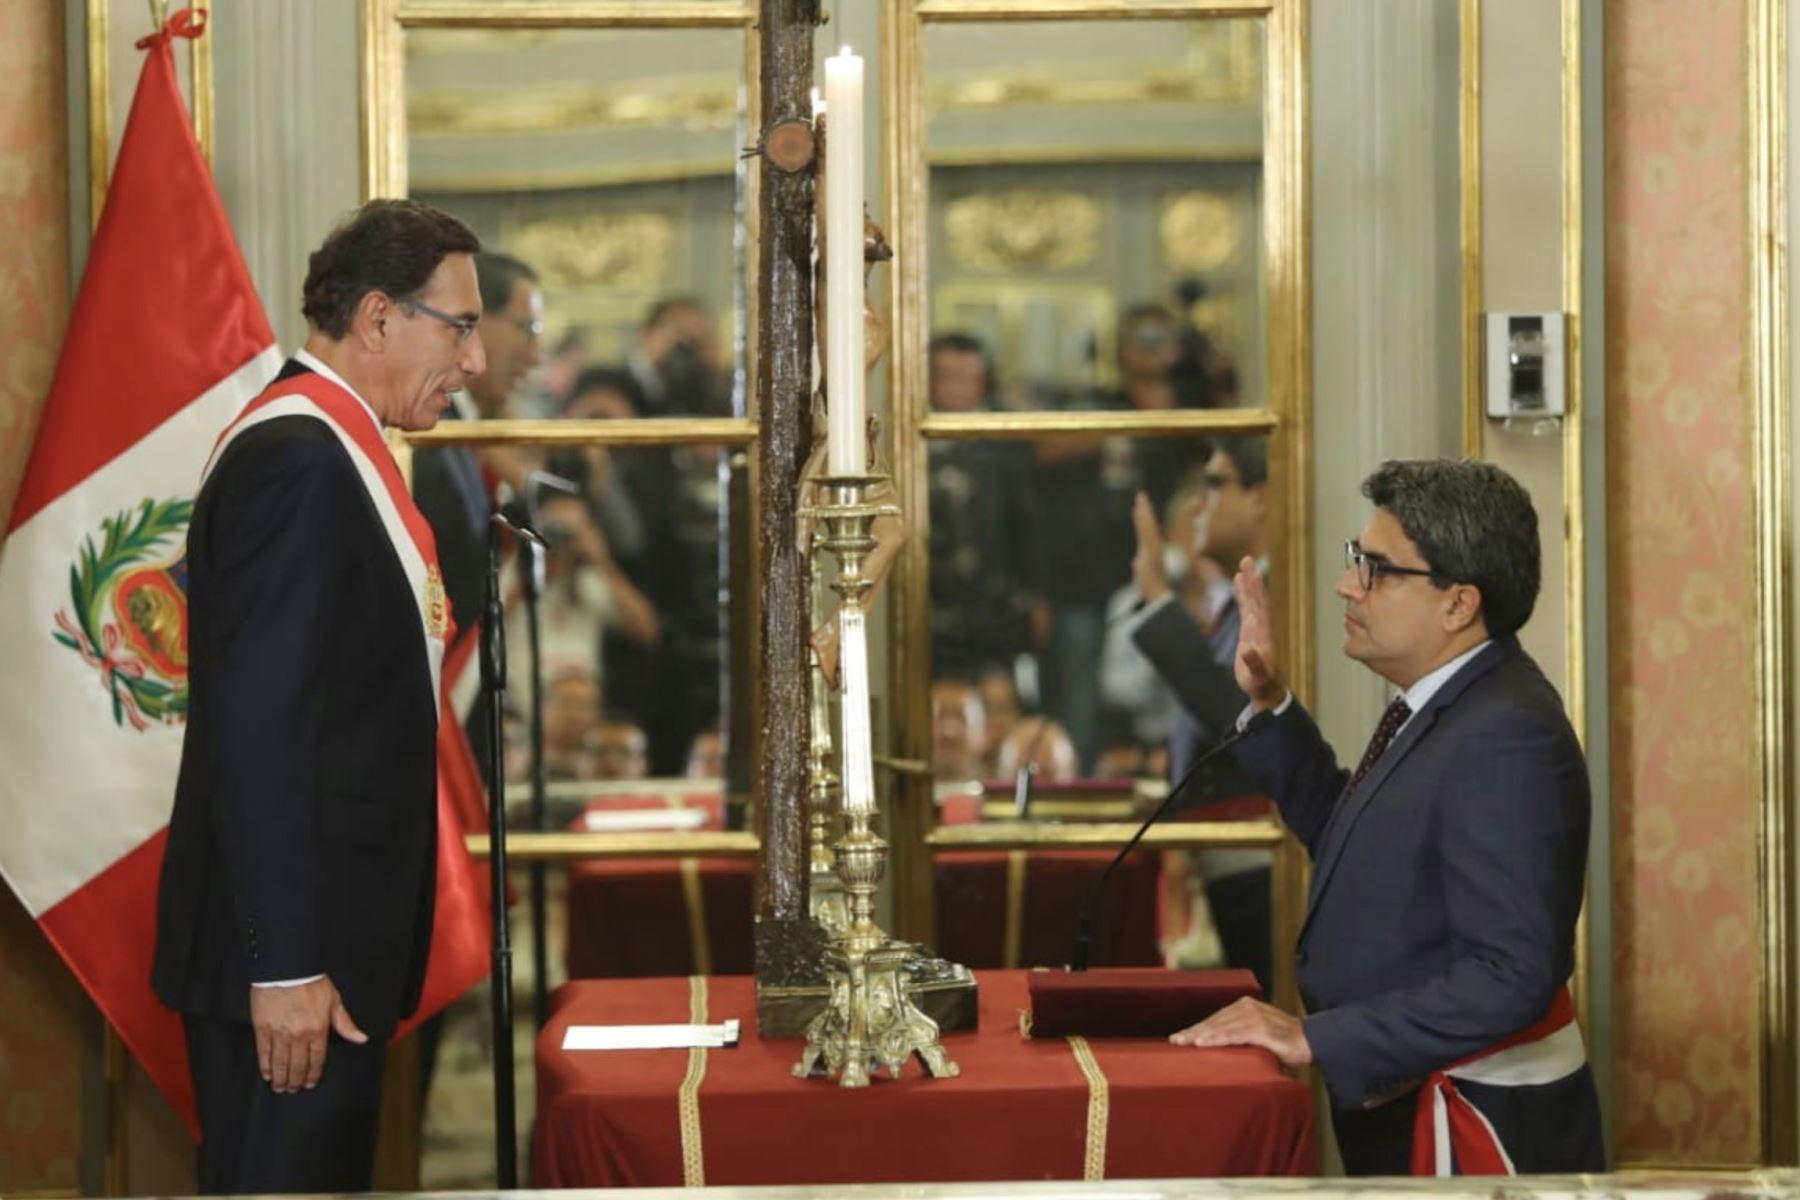 Carlos Martín Benavides Abanto, asume el cargo de ministro de Educación. Foto: ANDINA/Prensa Presidencia